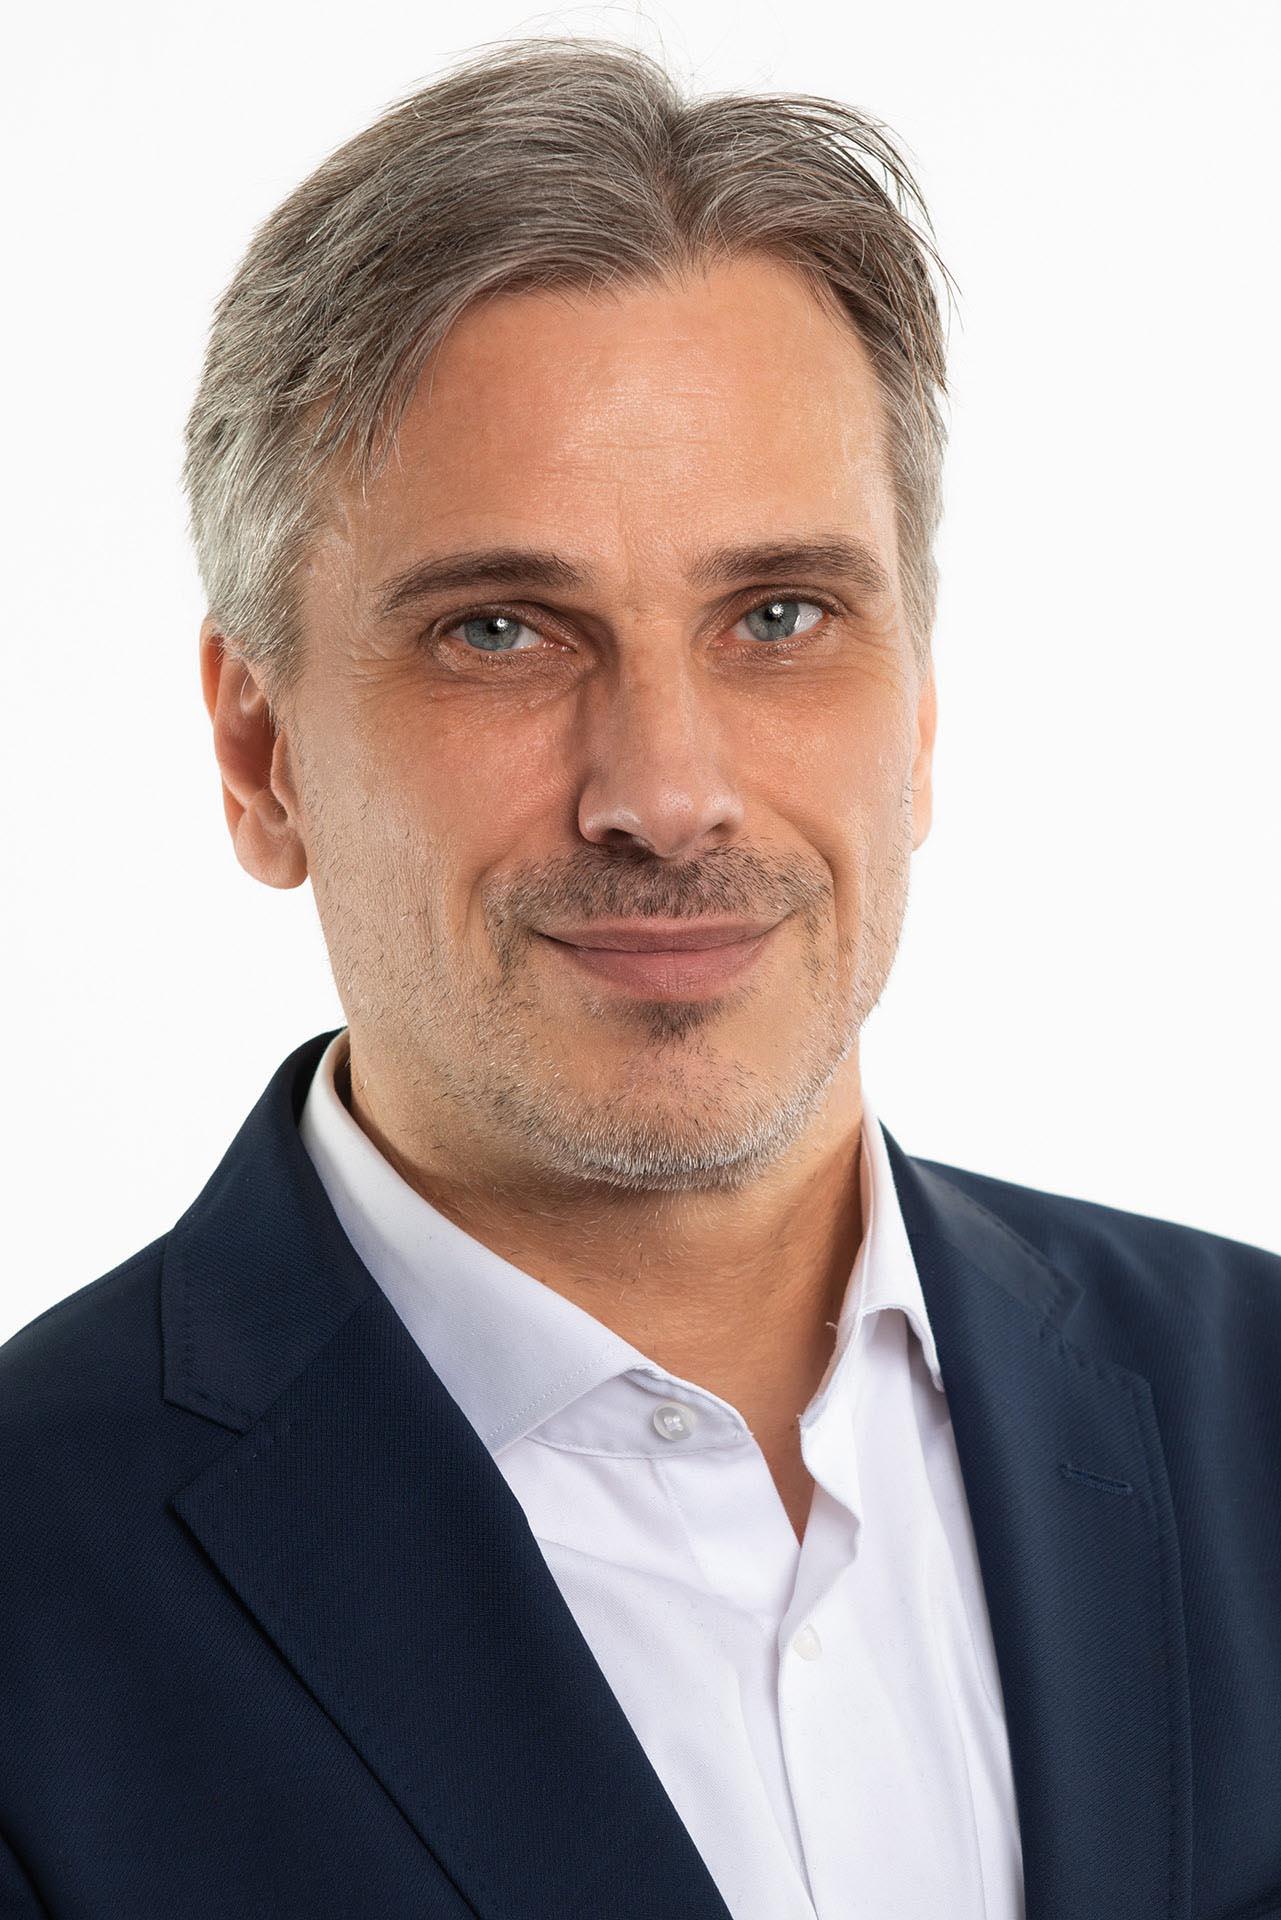 Ronald Billepp, Fachanwalt für Arbeitsrecht